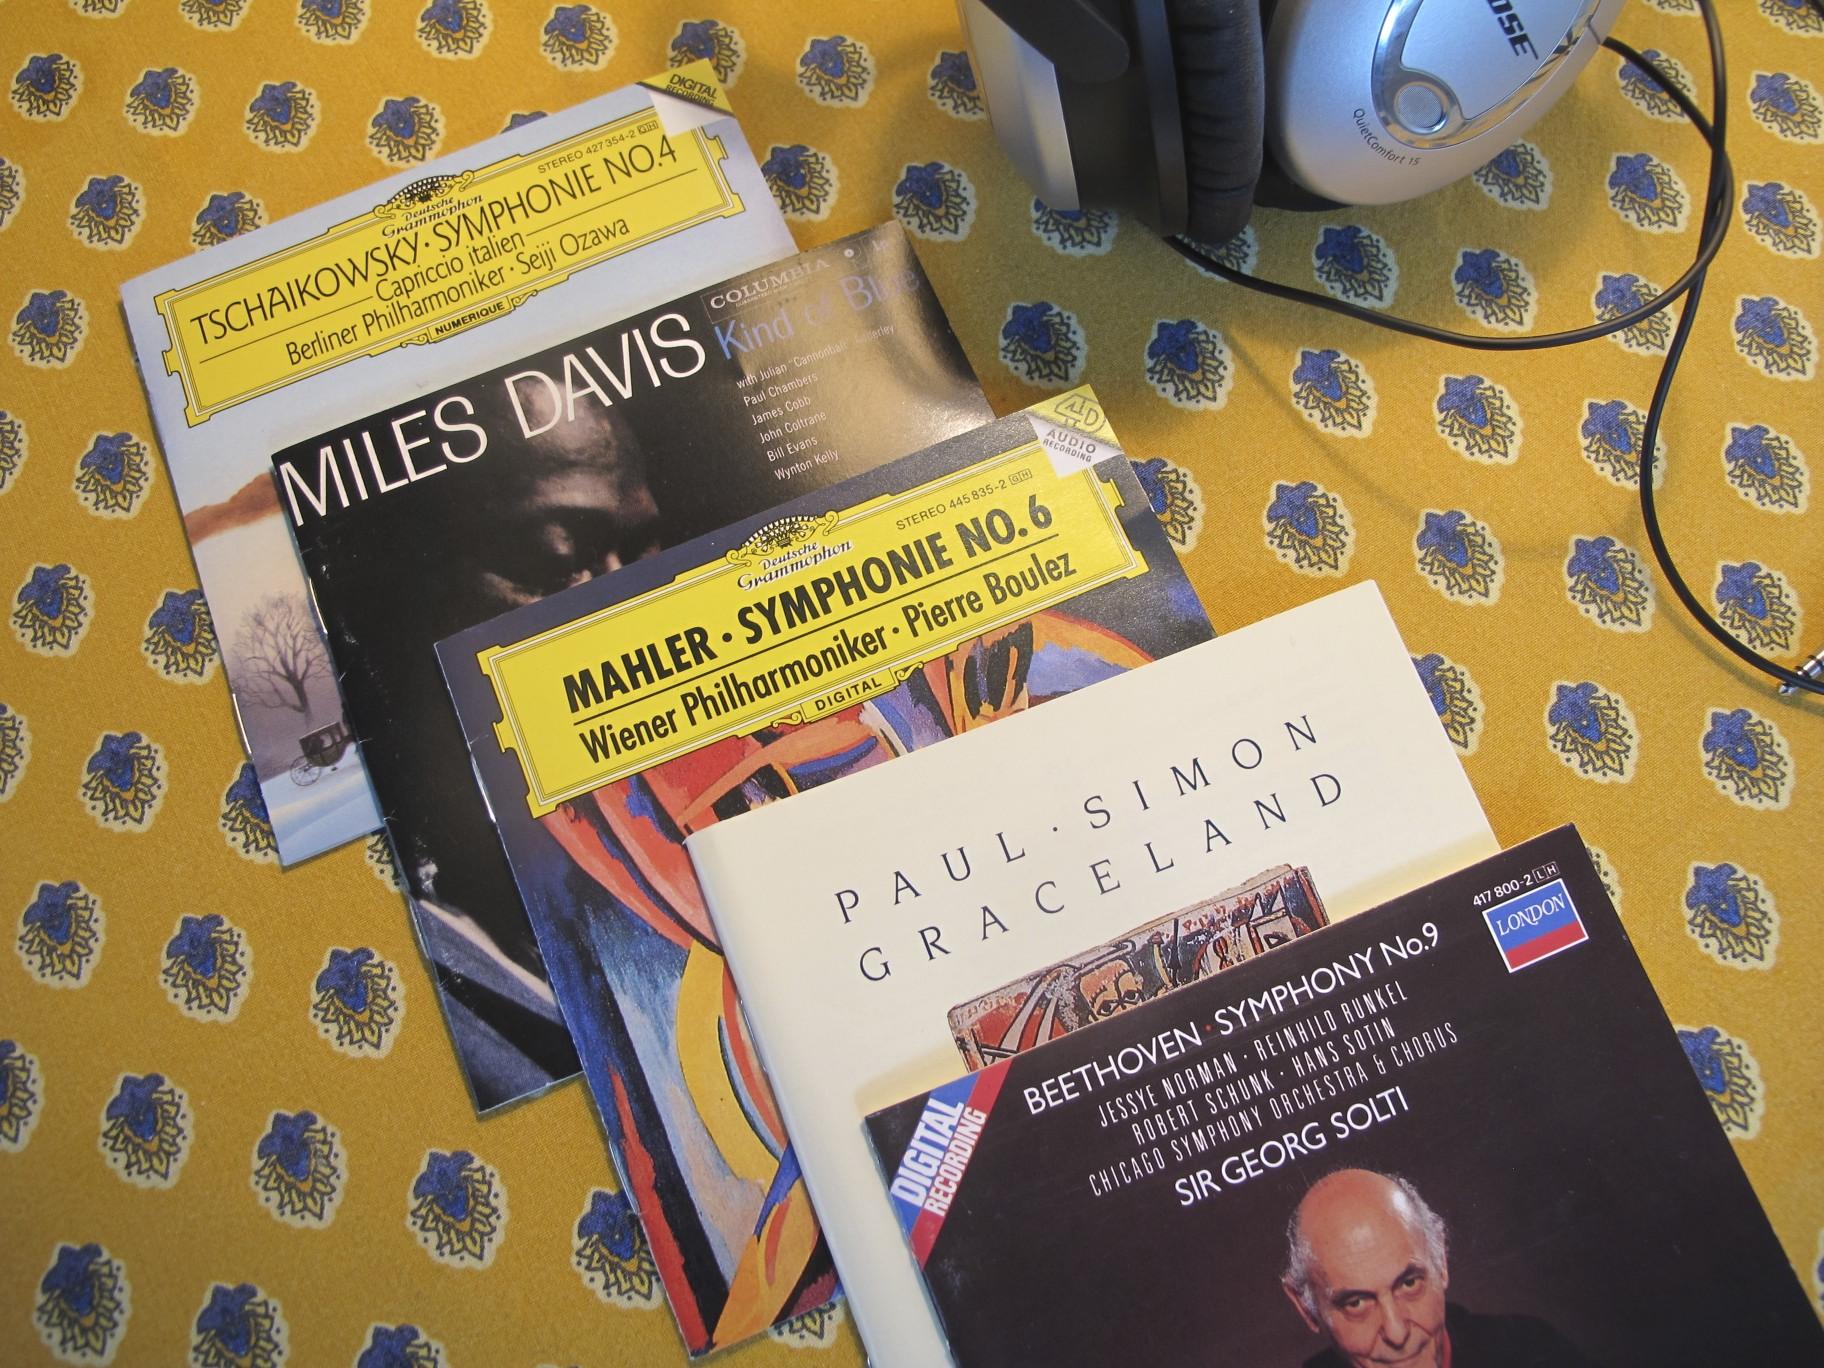 Photo: Richard's discs photo